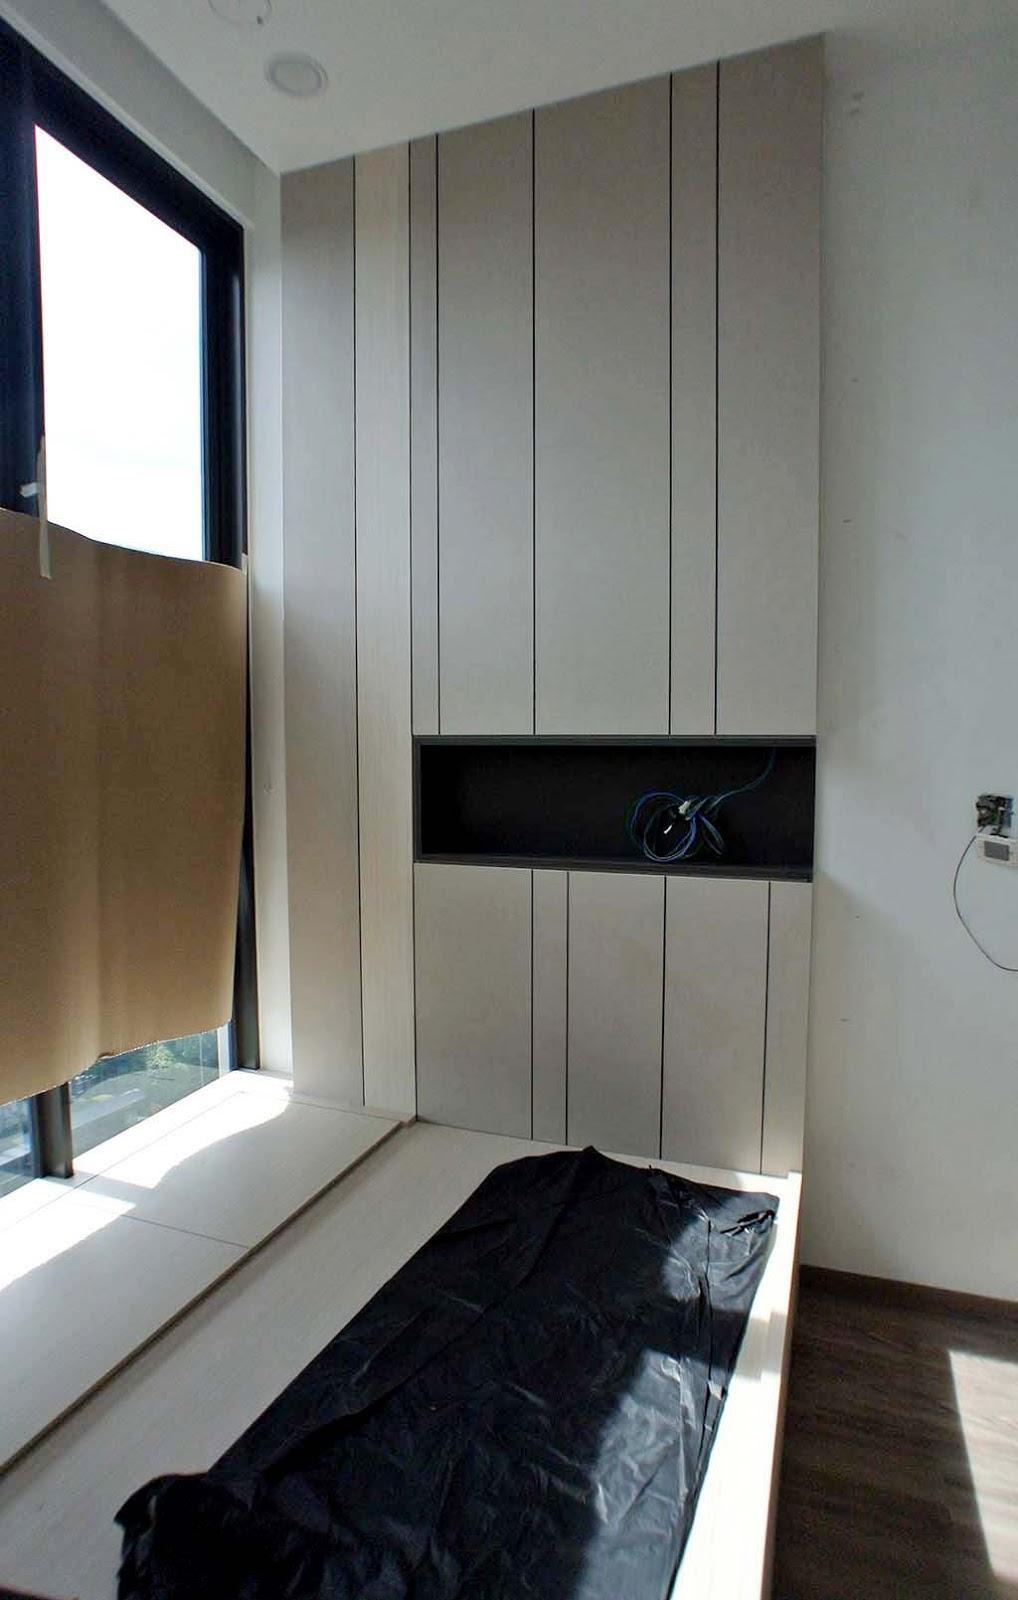 butterpaperstudio: Reno@Venue - Platform bed in Guest room